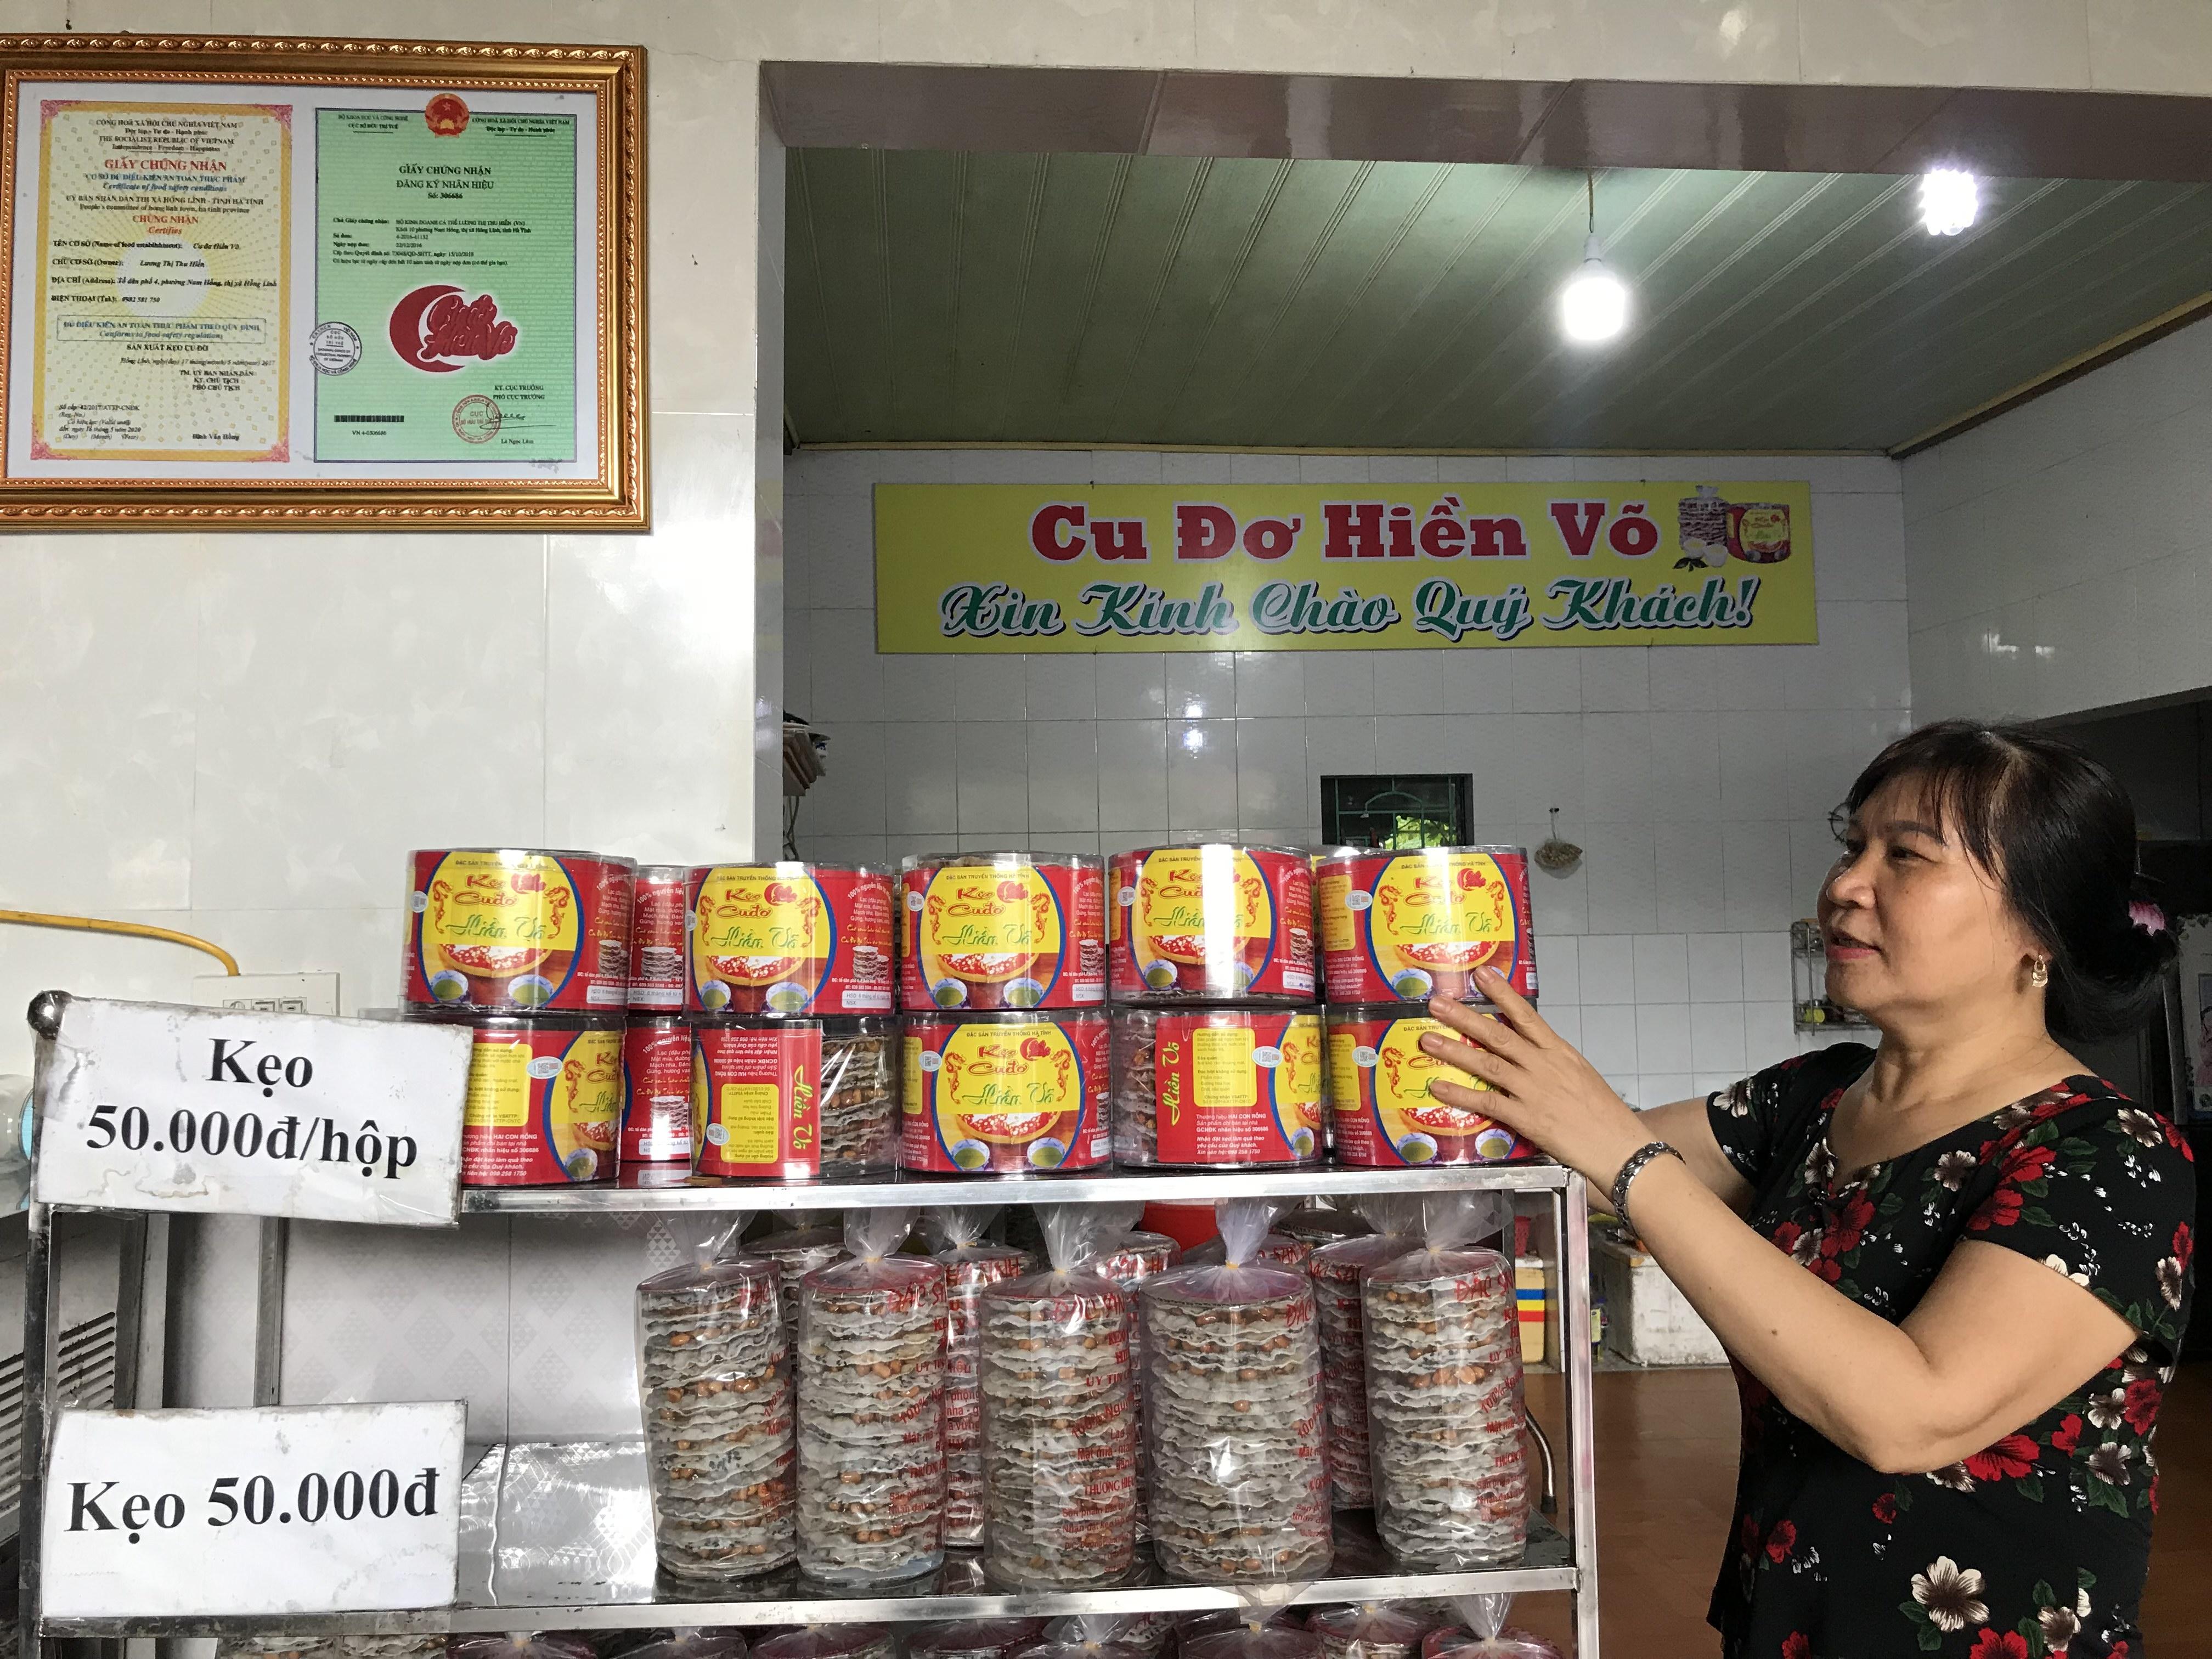 Sản phẩm cu đơ Hiền Võ - Phường Nam Hồng được khách hàng ưa chuộng